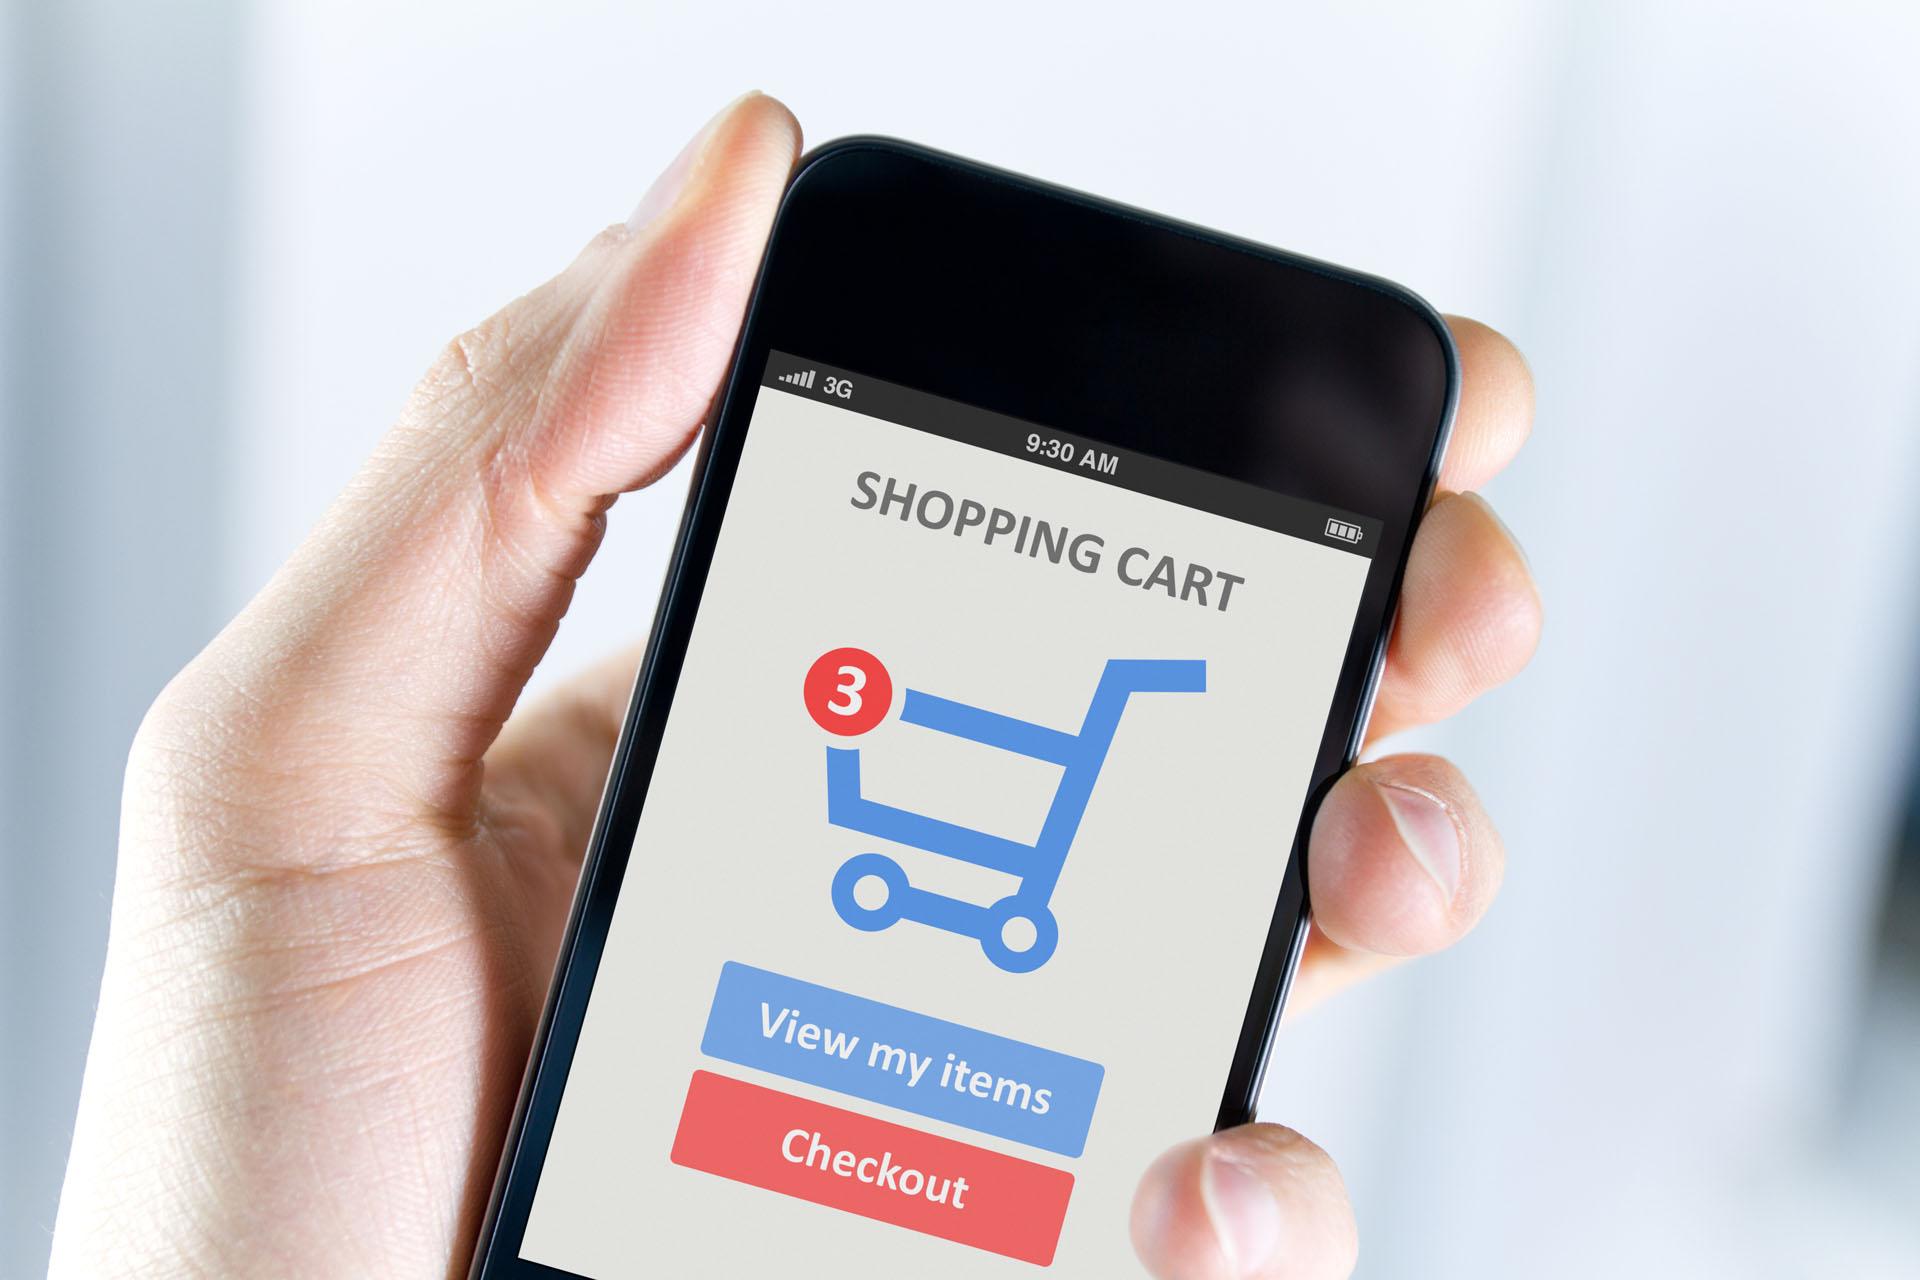 Доля покупок со смартфонов растет в основном за счет небольших платежей